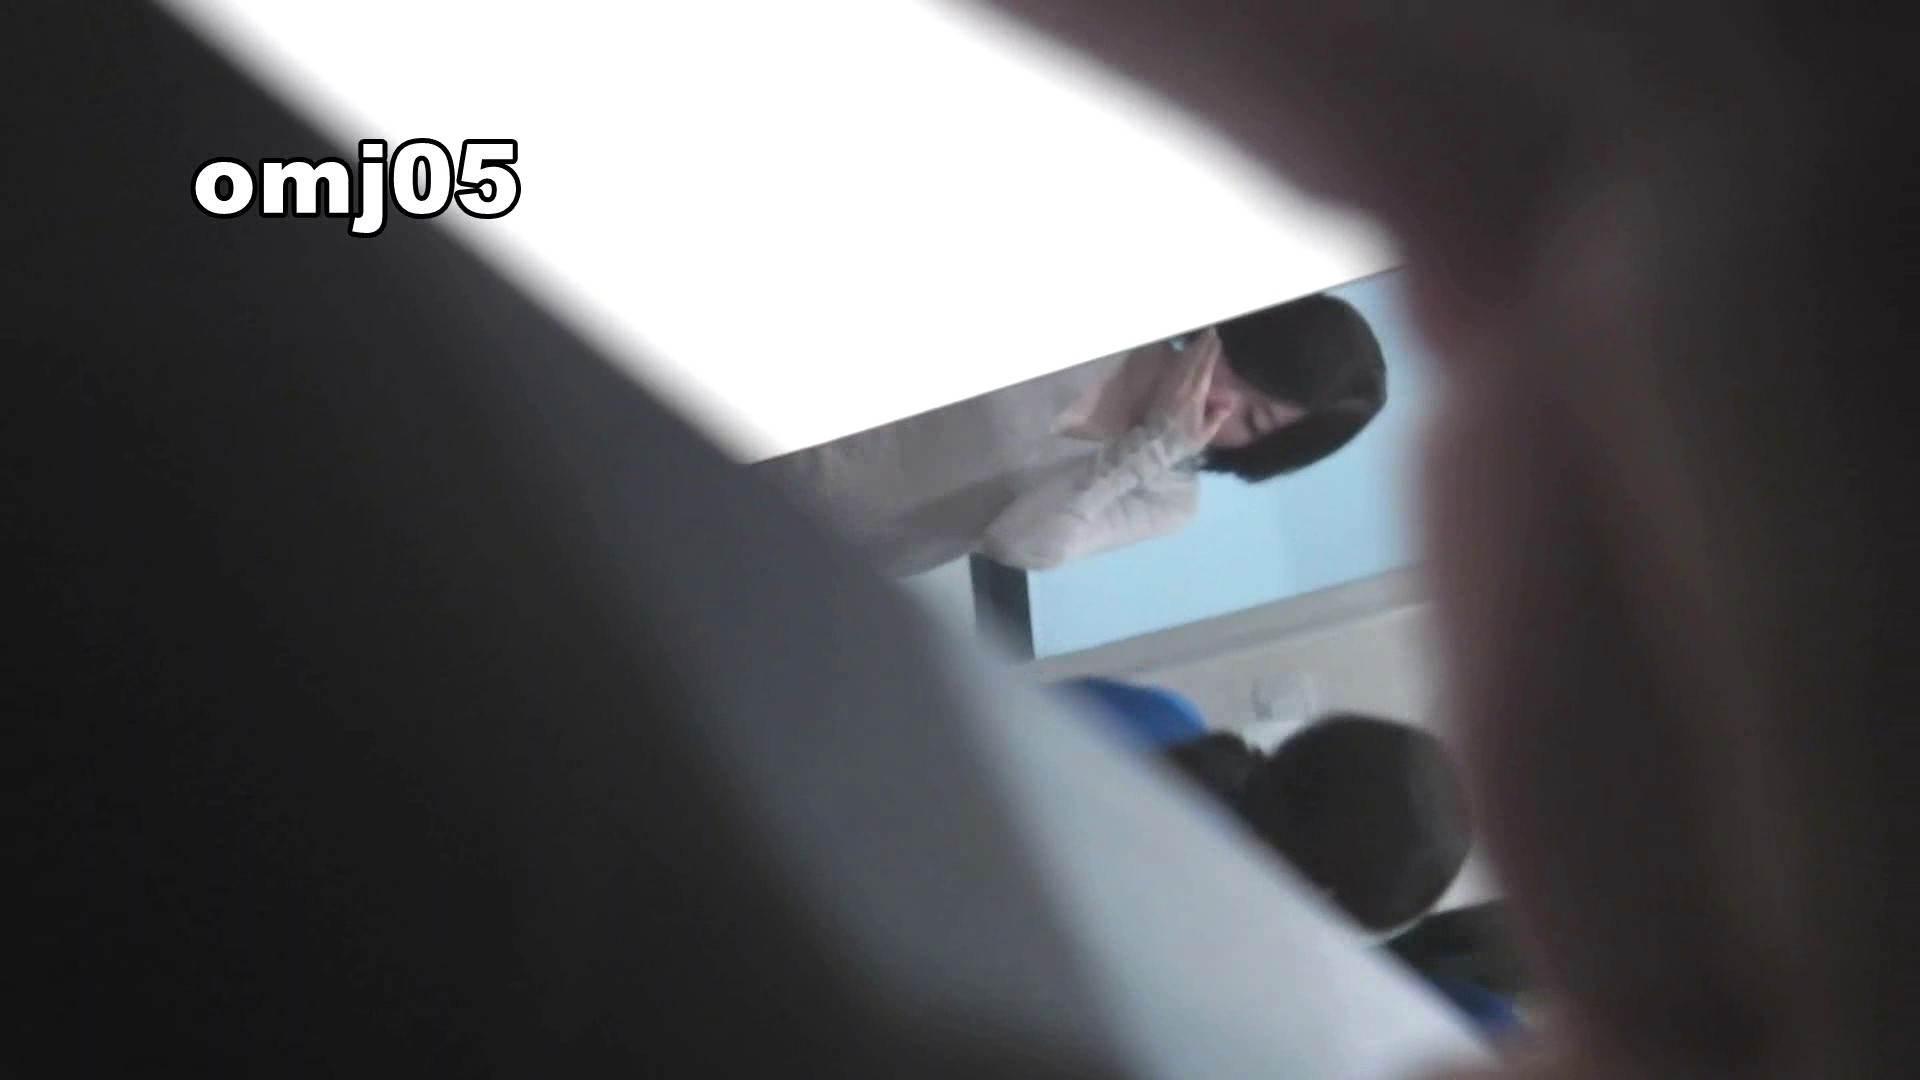 お市さんの「お尻丸出しジャンボリー」 No.5 ∑(゚Д゚)ヒェ~ッ!壁ドン!! エッチなお姉さん われめAV動画紹介 35画像 33